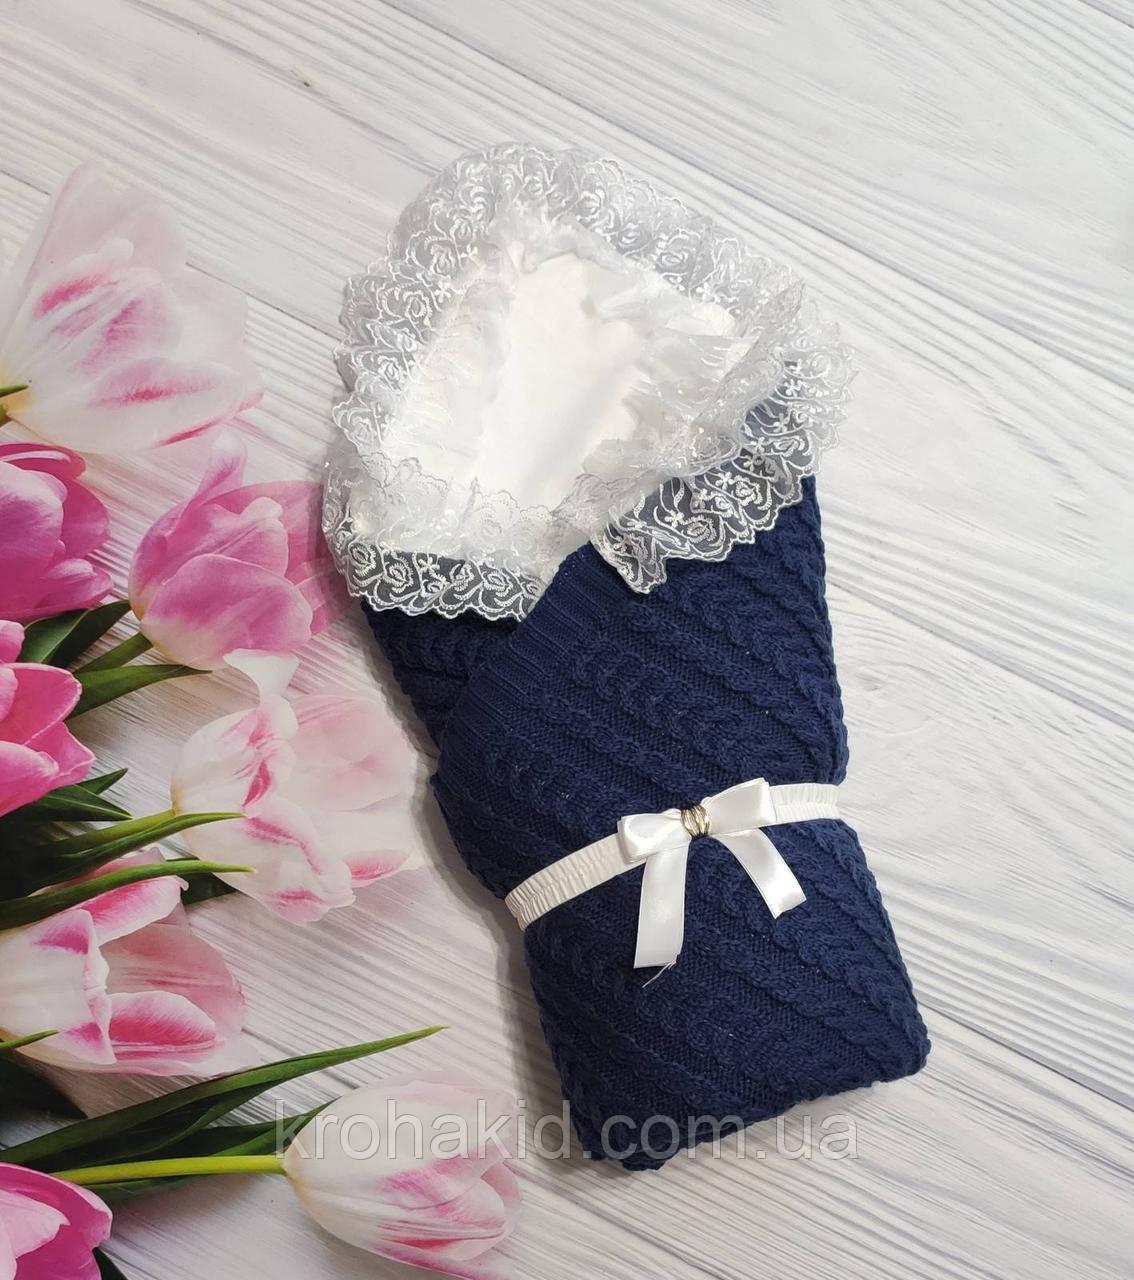 Дитячий демісезонний в'язаний конверт на виписку, конверт-ковдру (ВЕСНА/ ОСІНЬ) - плед+ ковдру+ бант гумка